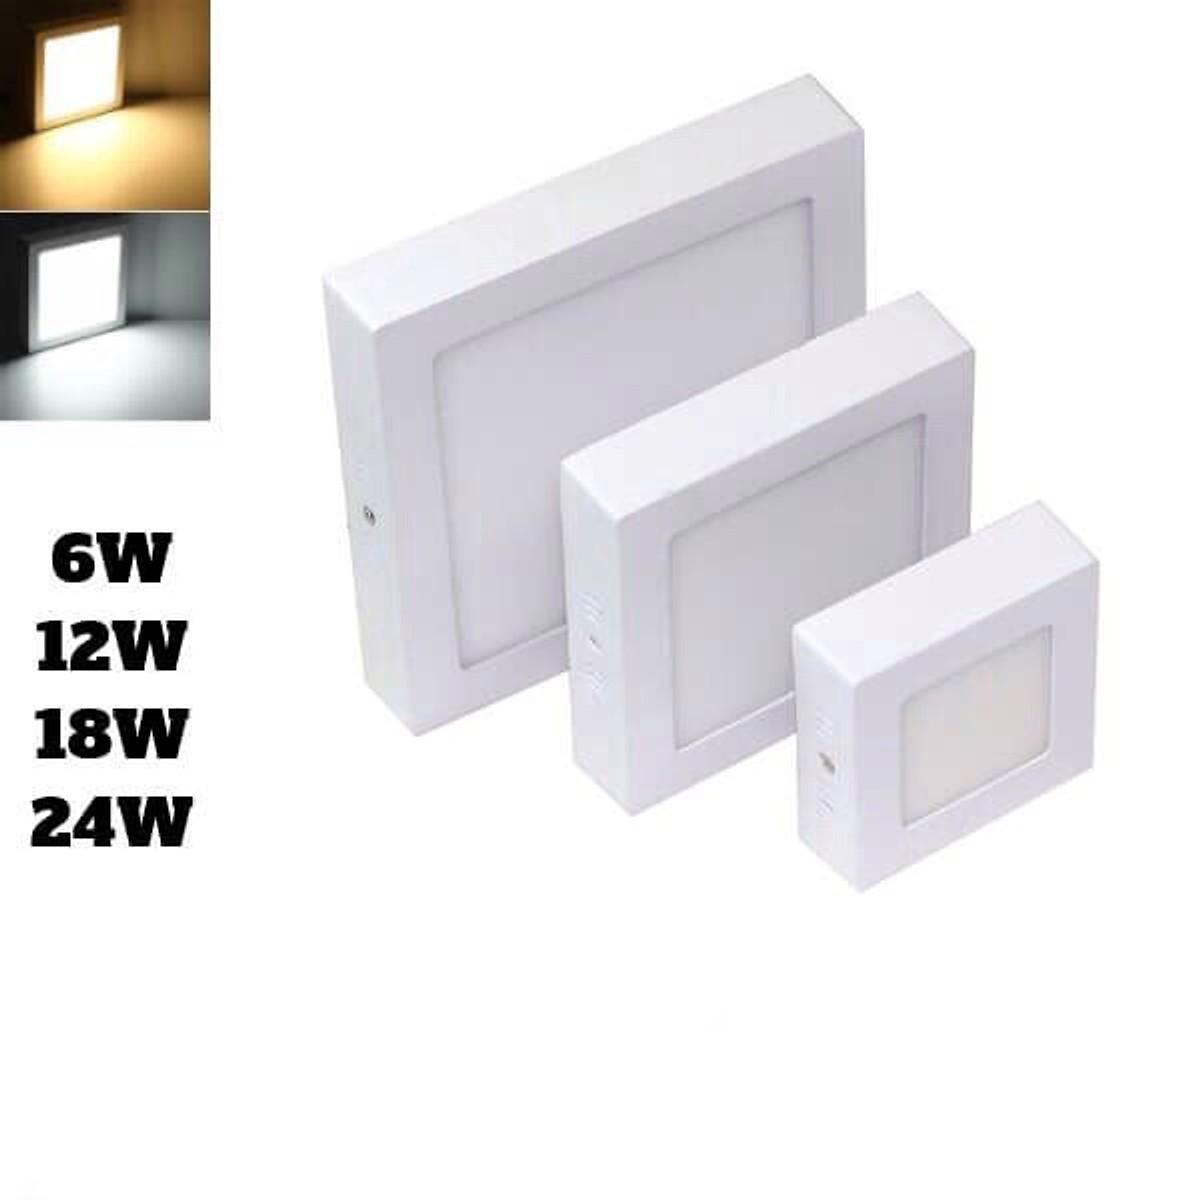 đèn panel ốp trần vuông với công suất 6w-12w-18w-24w